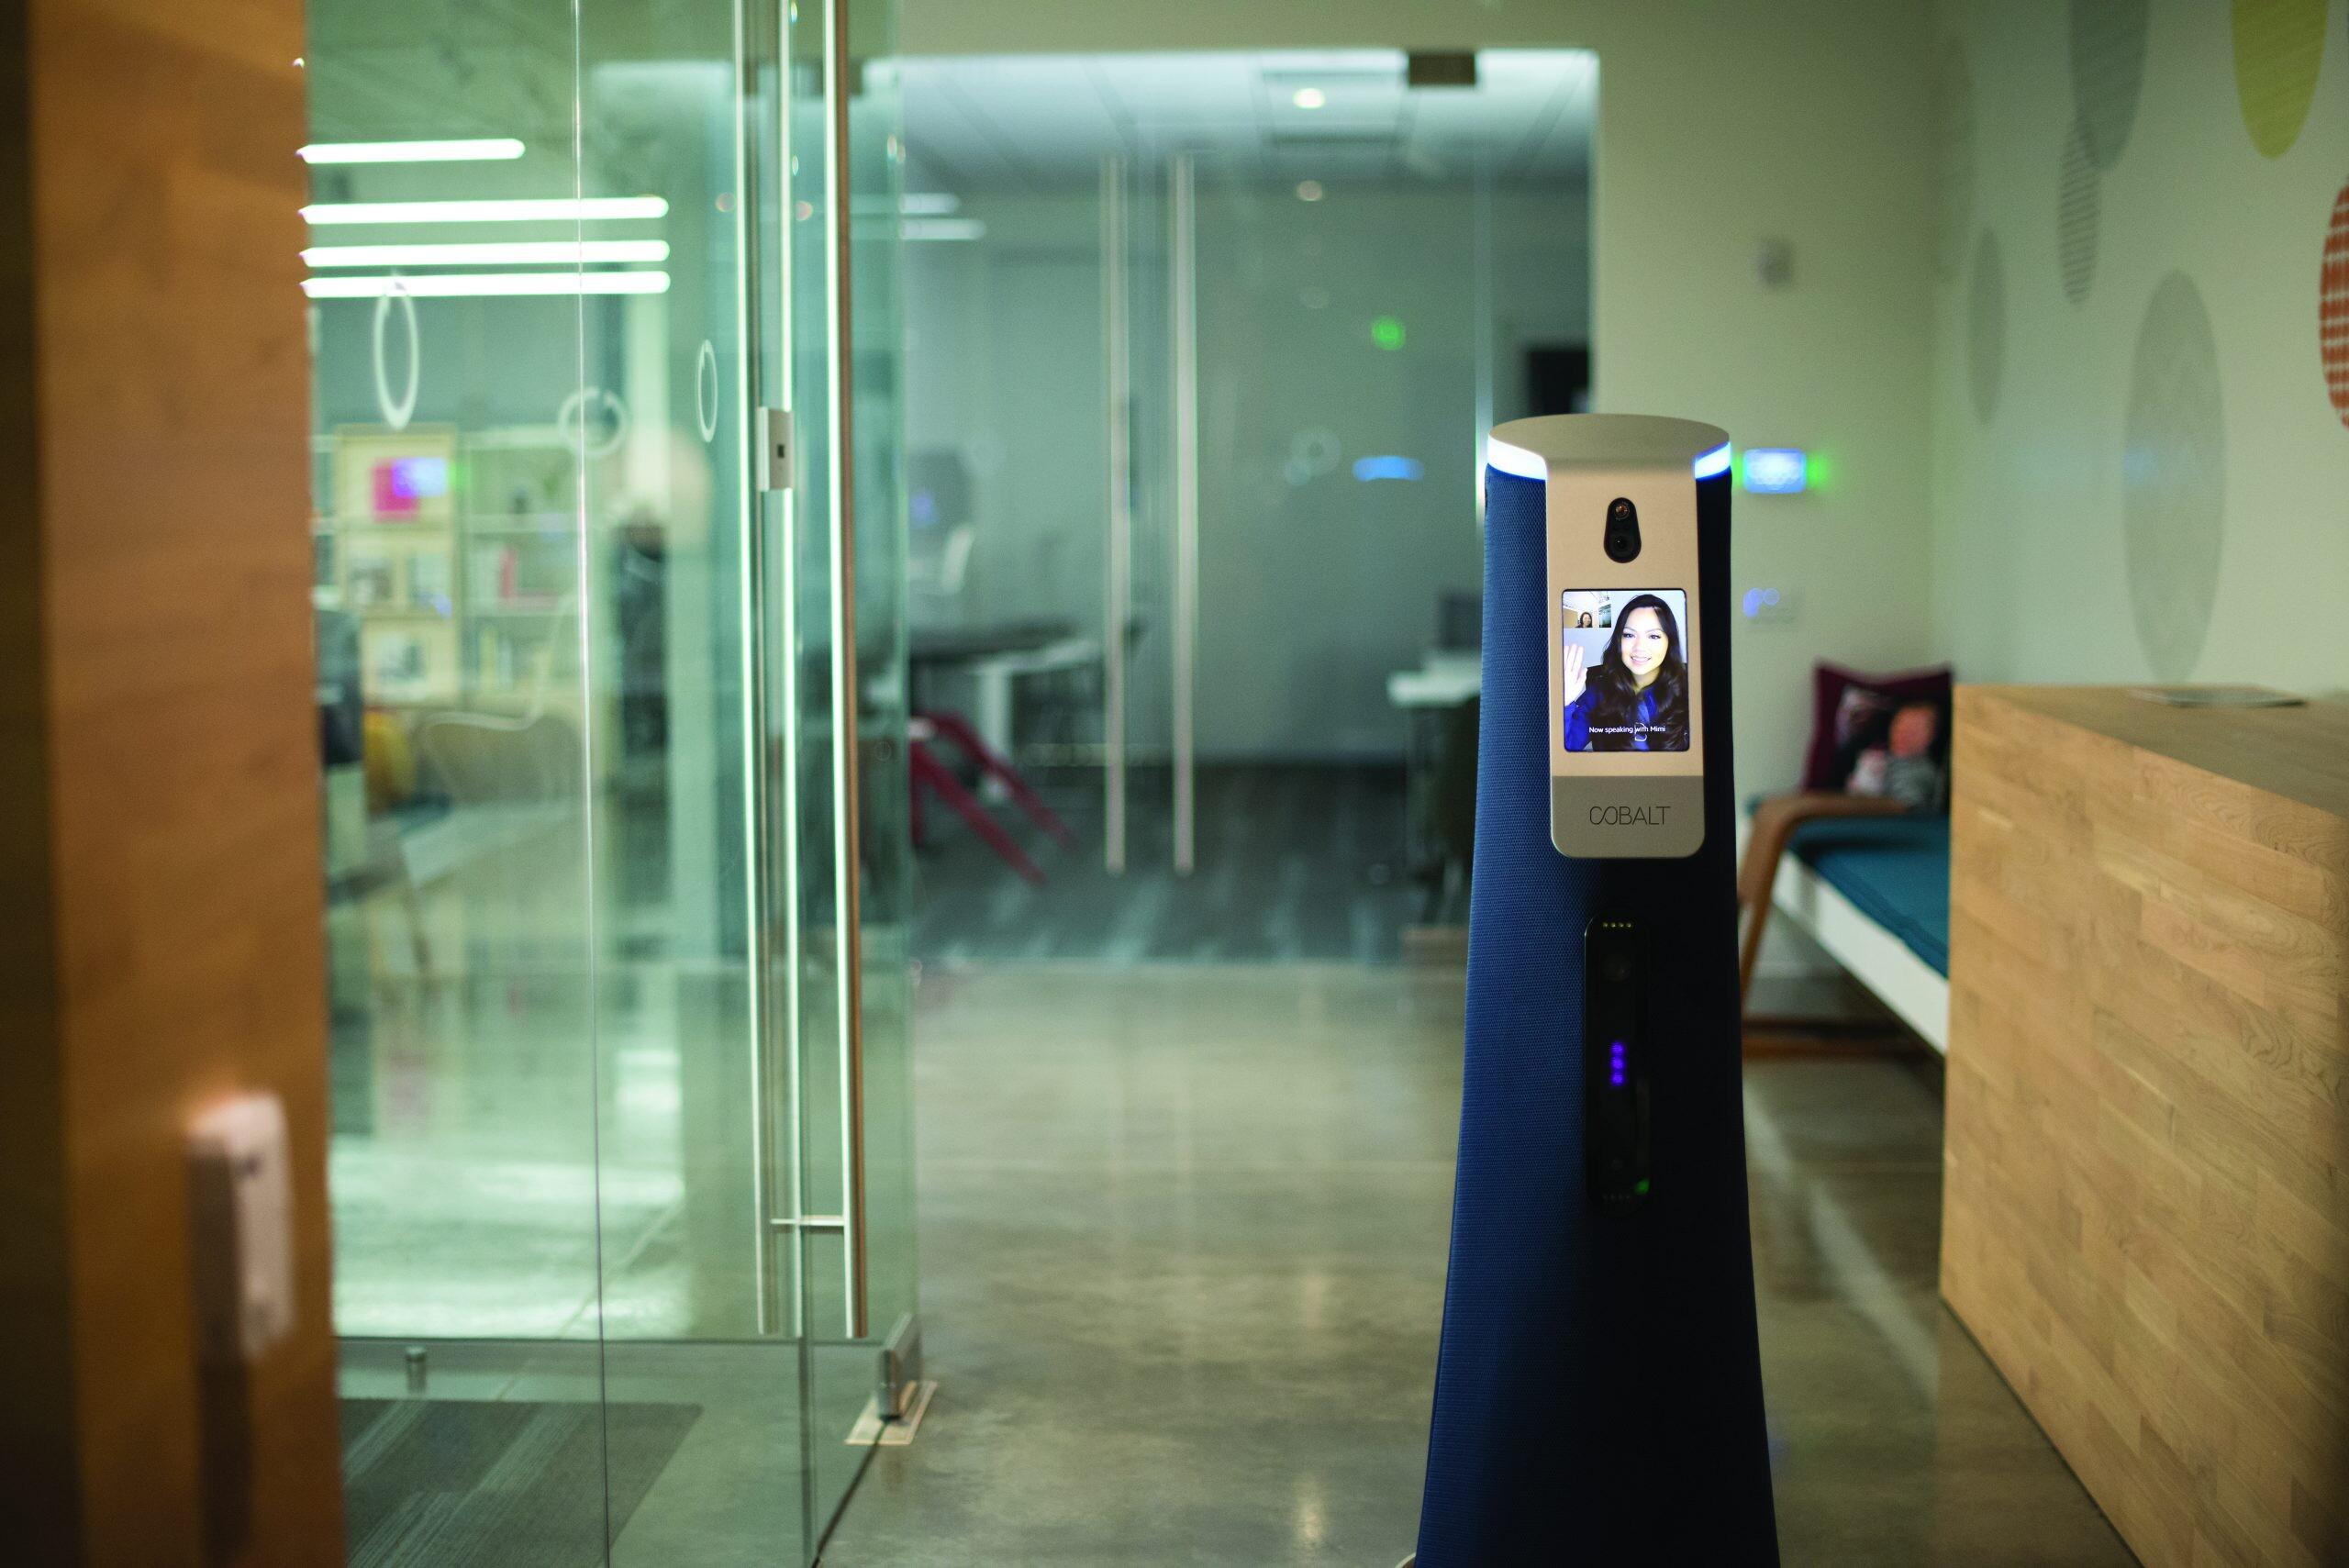 Cobalt Robotics opens doors